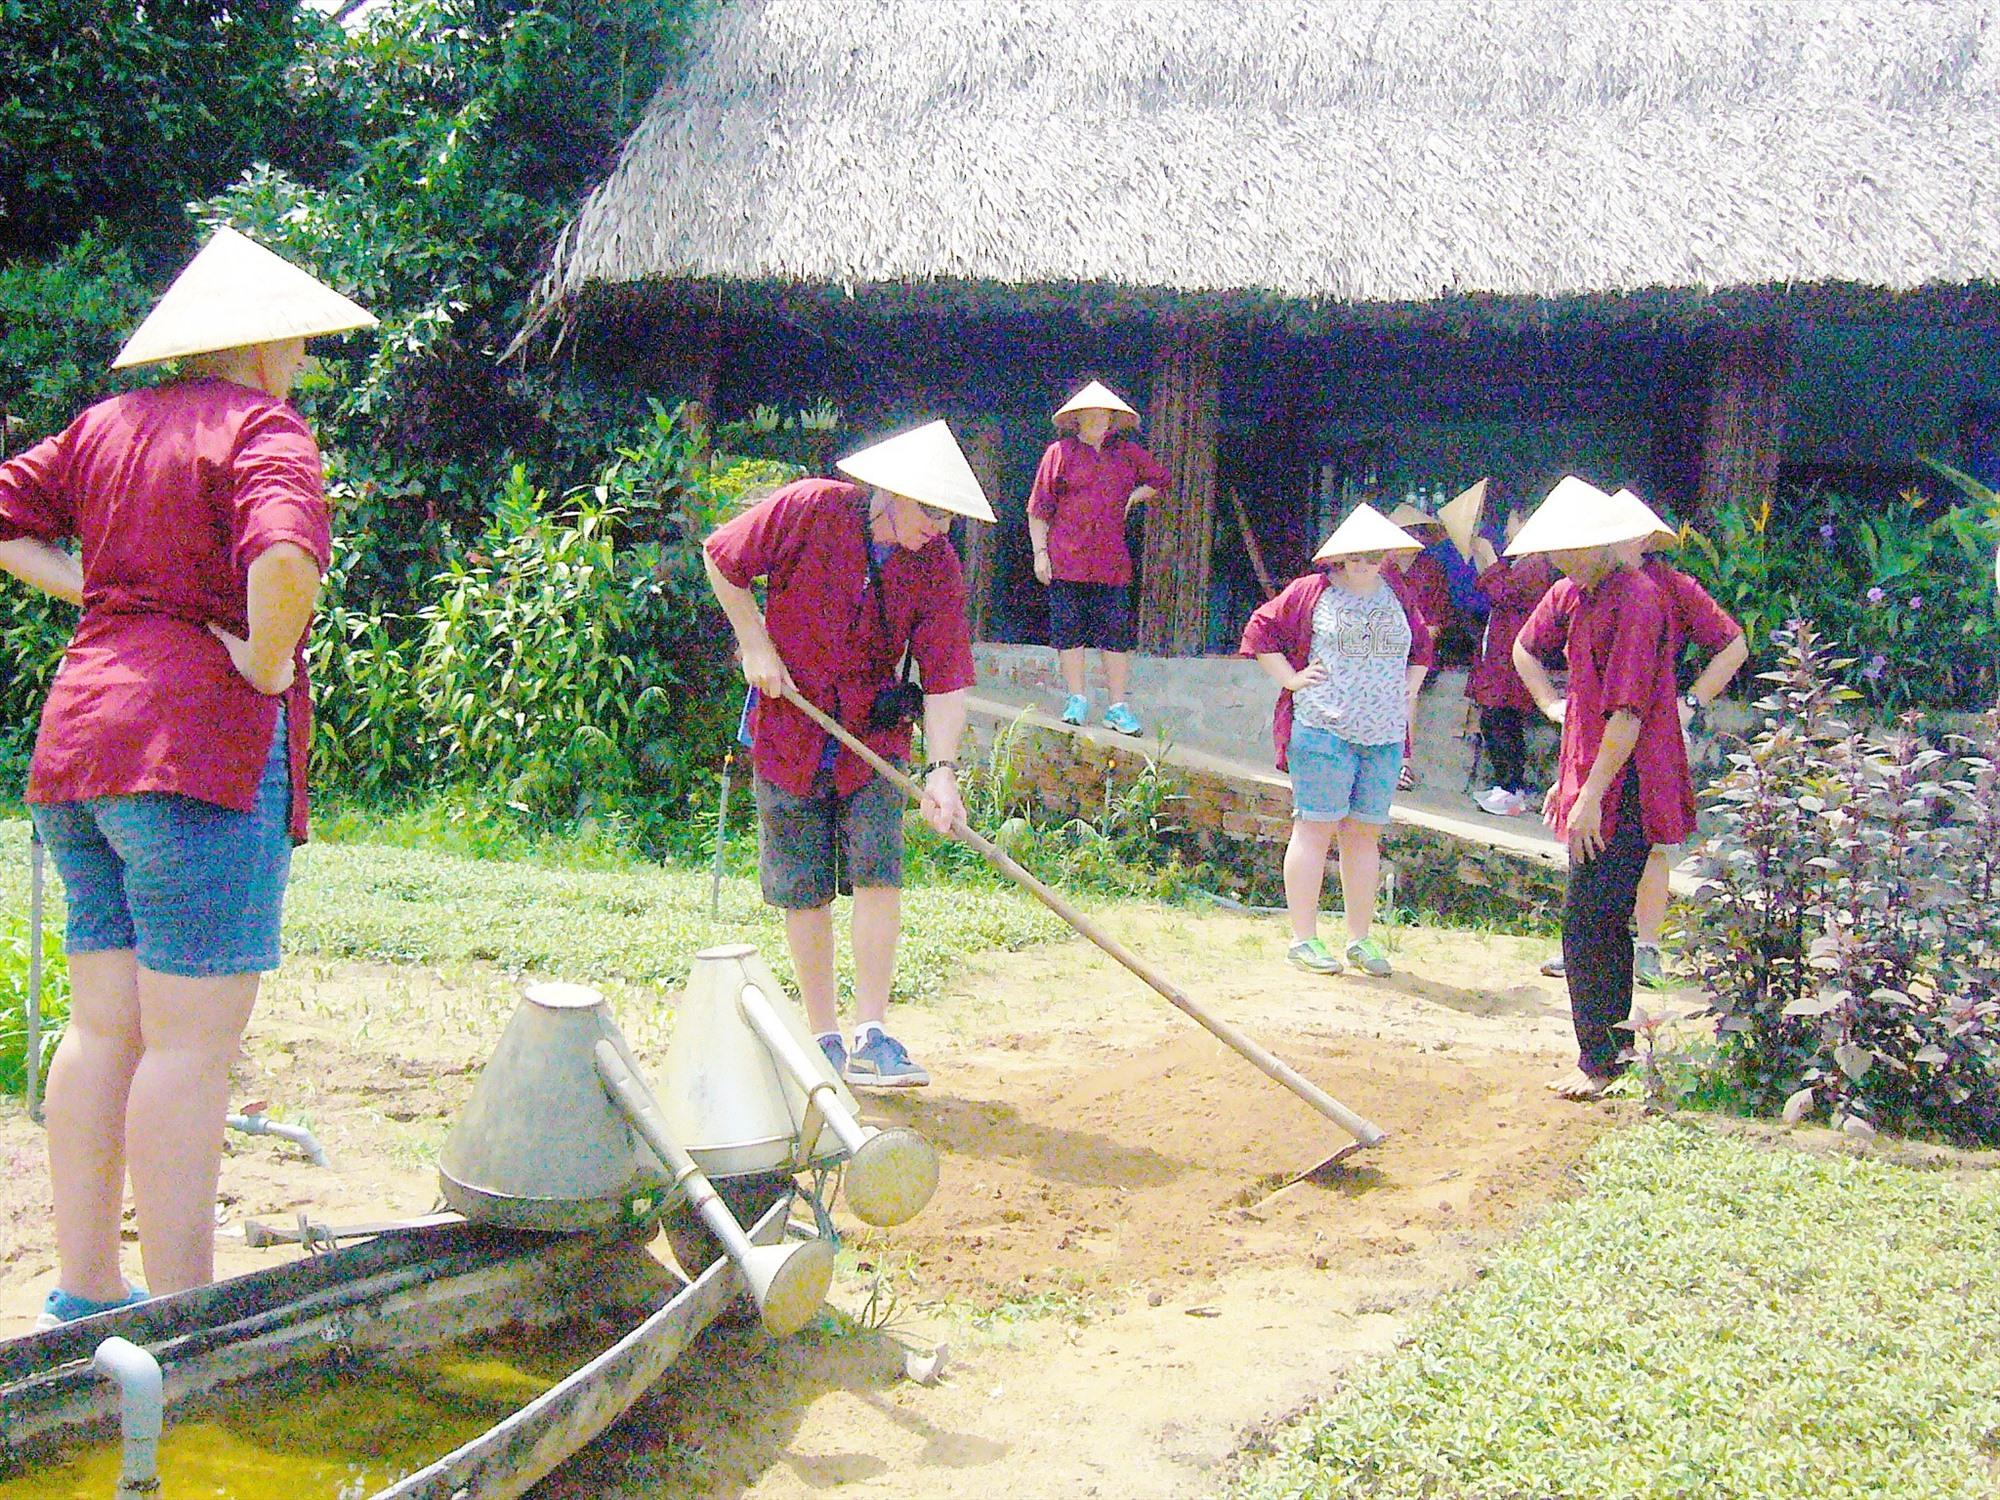 Du khách trải nghiệm nghề trồng rau ở Trà Quế, xã Cẩm Hà. Ảnh: Đ.H